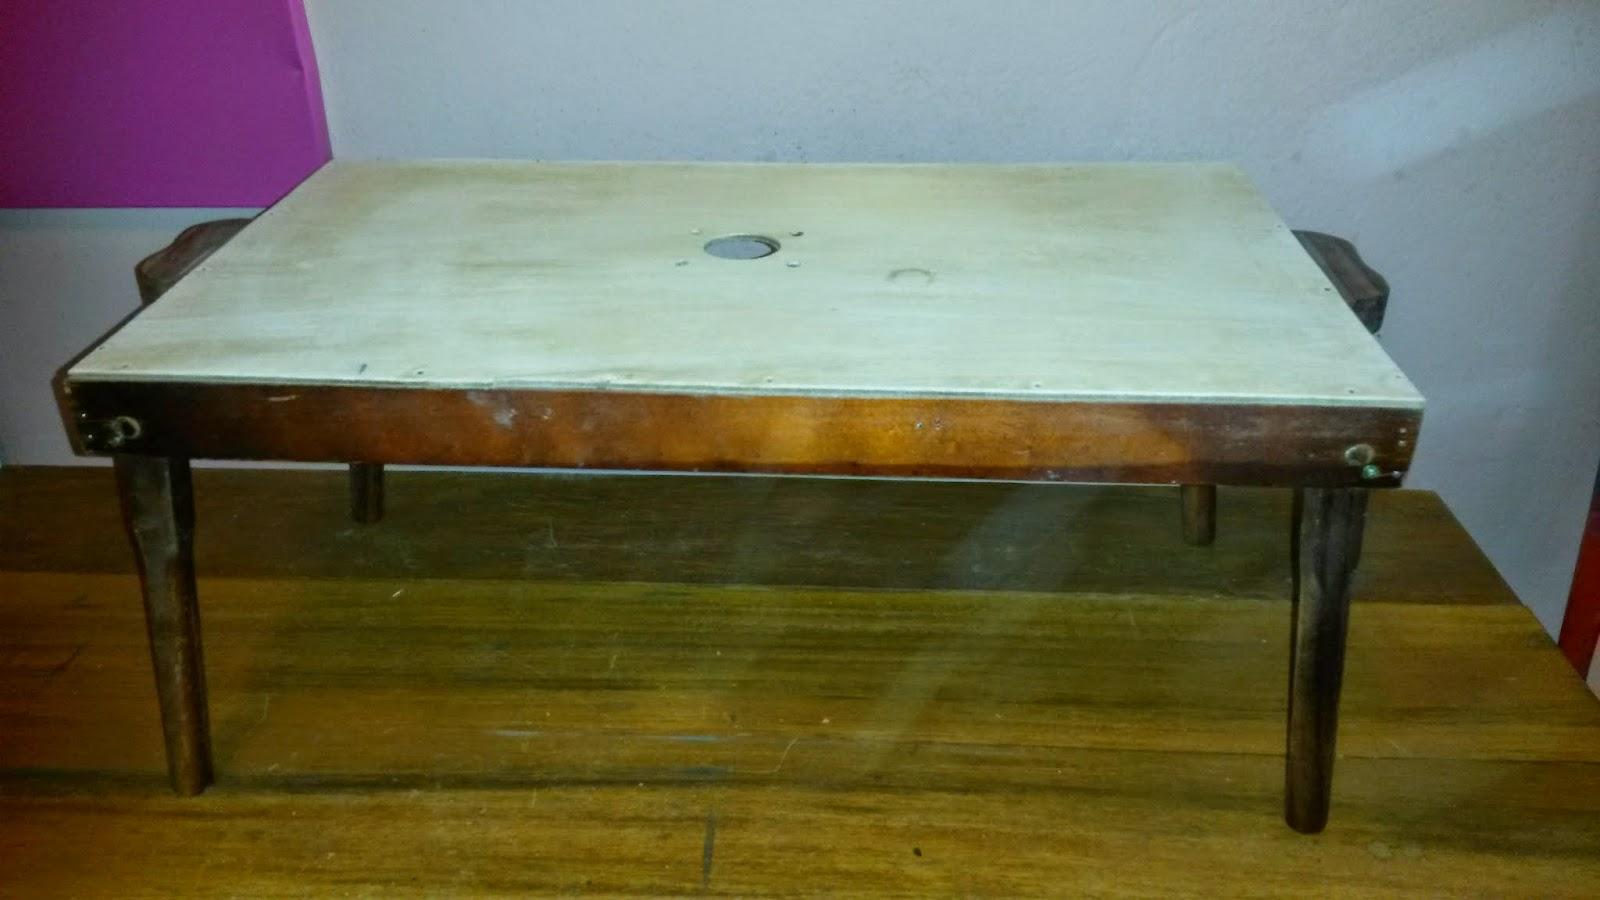 Oficina do Quintal: Como fazer uma bancada para Tupia #604710 1600x900